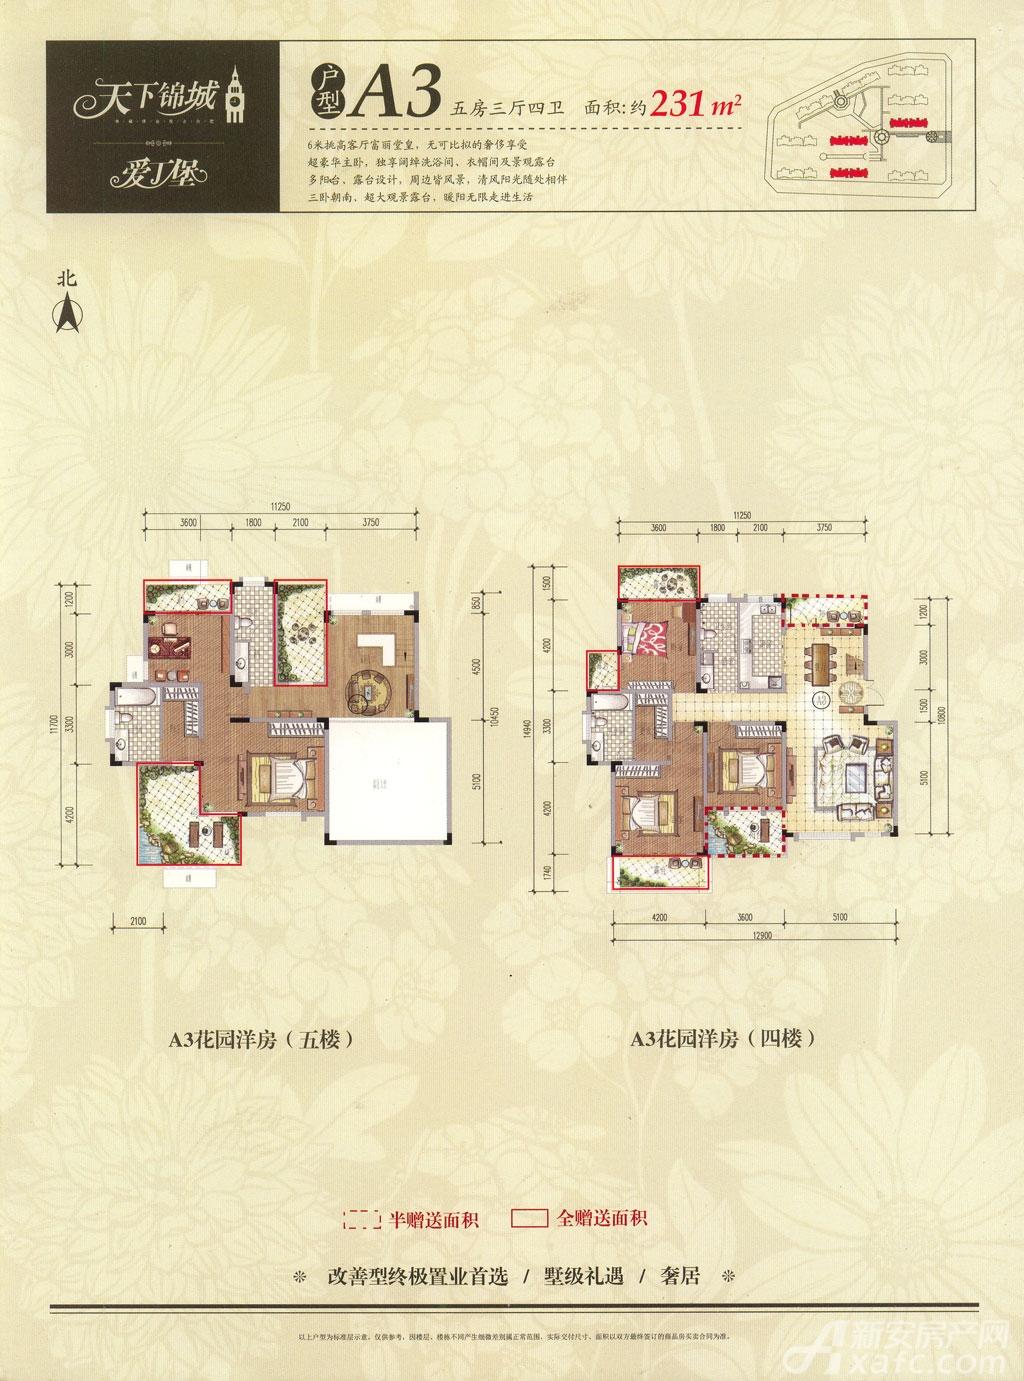 天下锦城a3户型四室及以上户型图-天下锦城图片相册图片